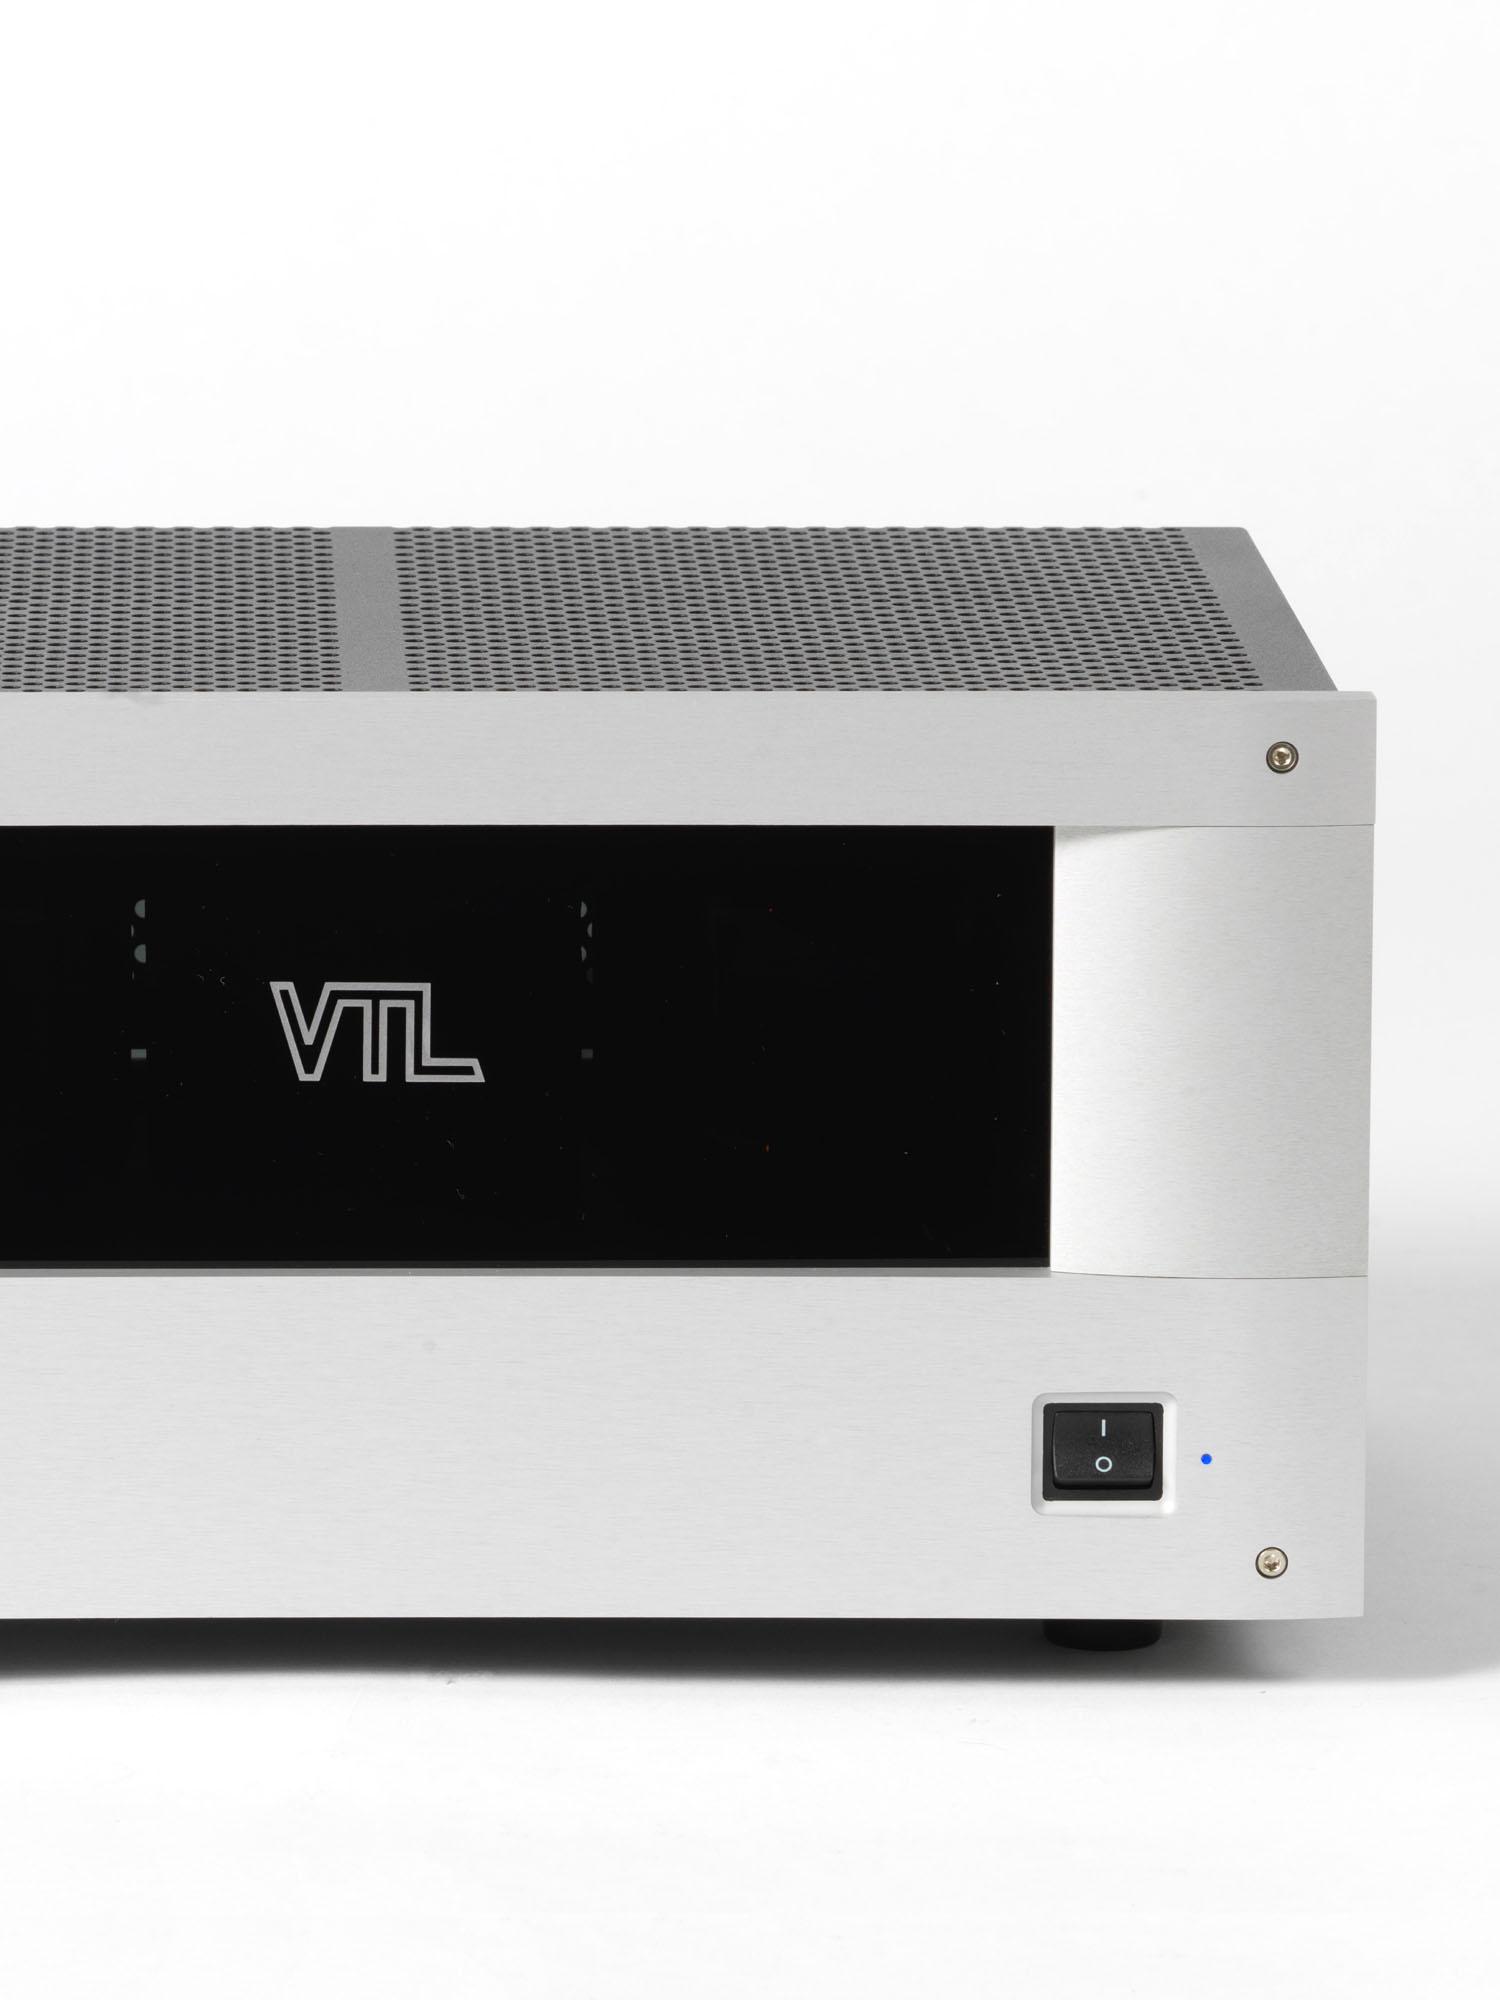 VTL ST-85 Stereo Power Amplifier